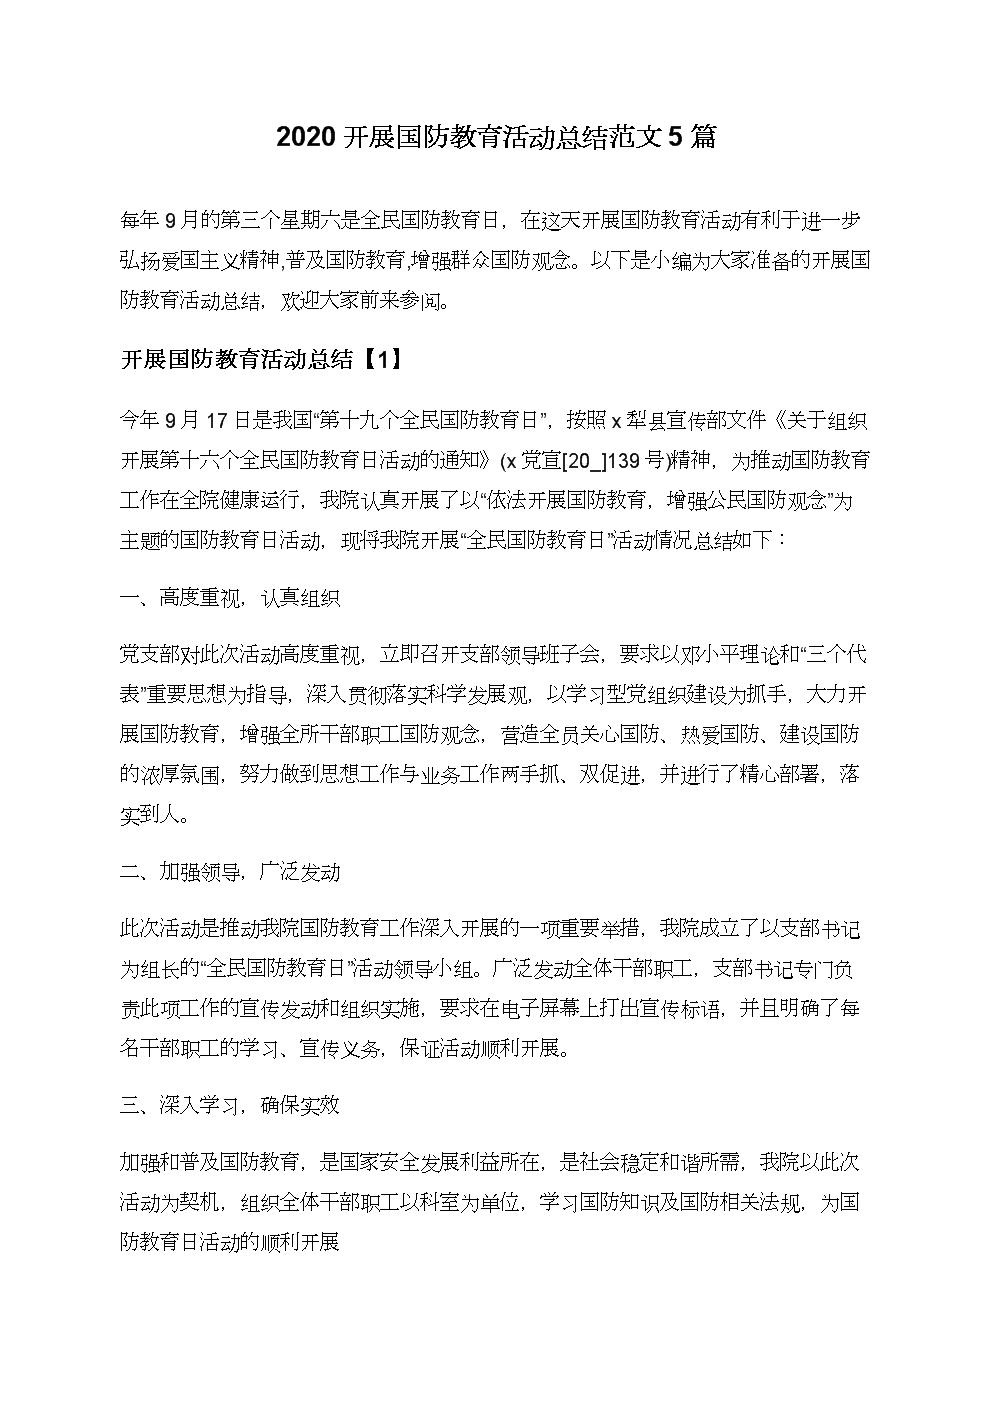 2020开展国防教育活动总结范文5篇.doc